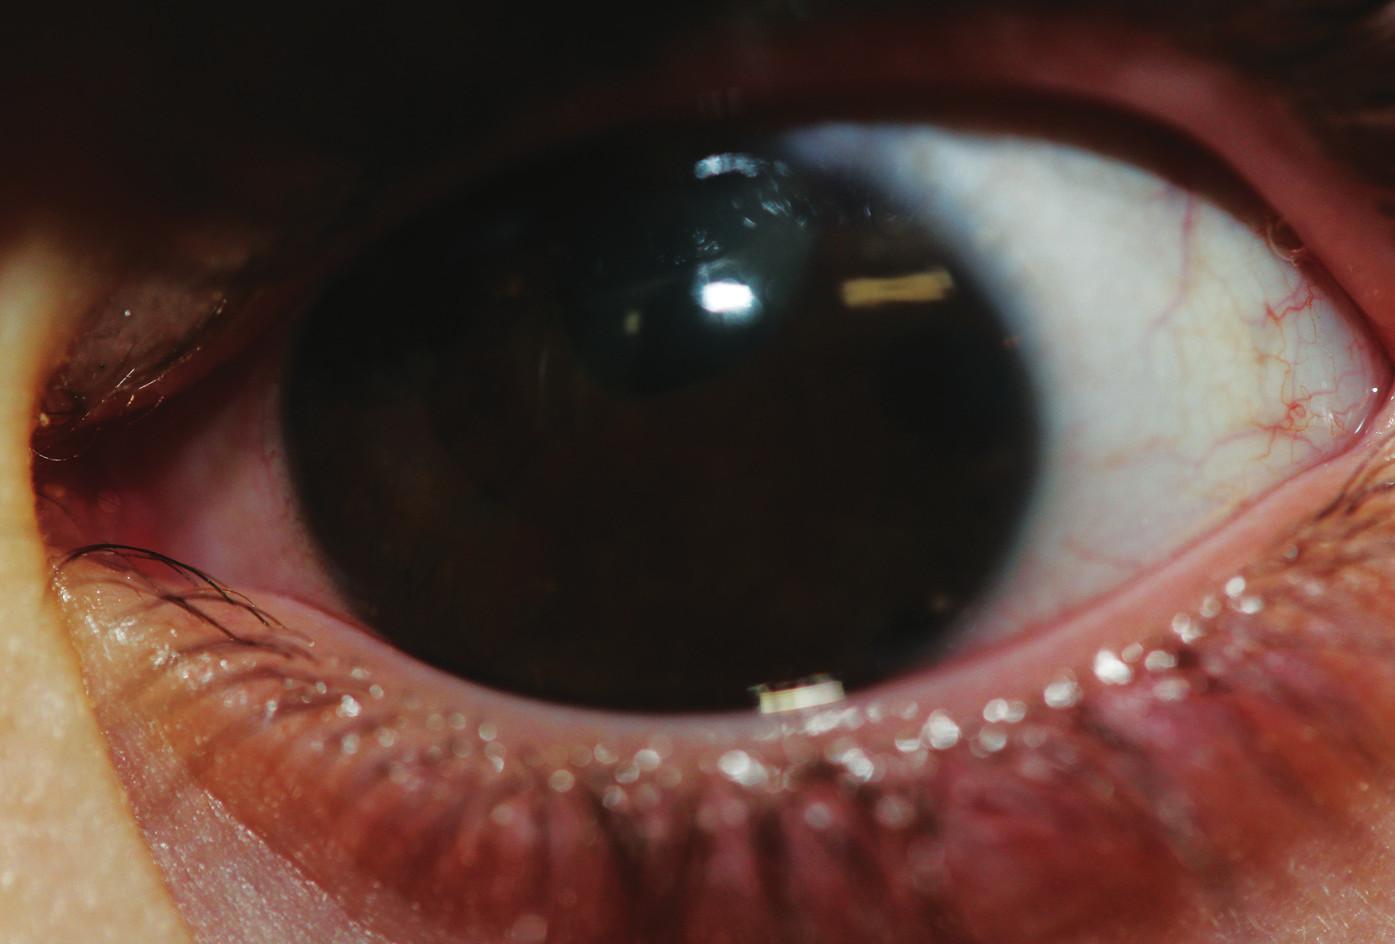 Obraz ľavého oka s totálnou iridektomiou při č. 1 po operácii